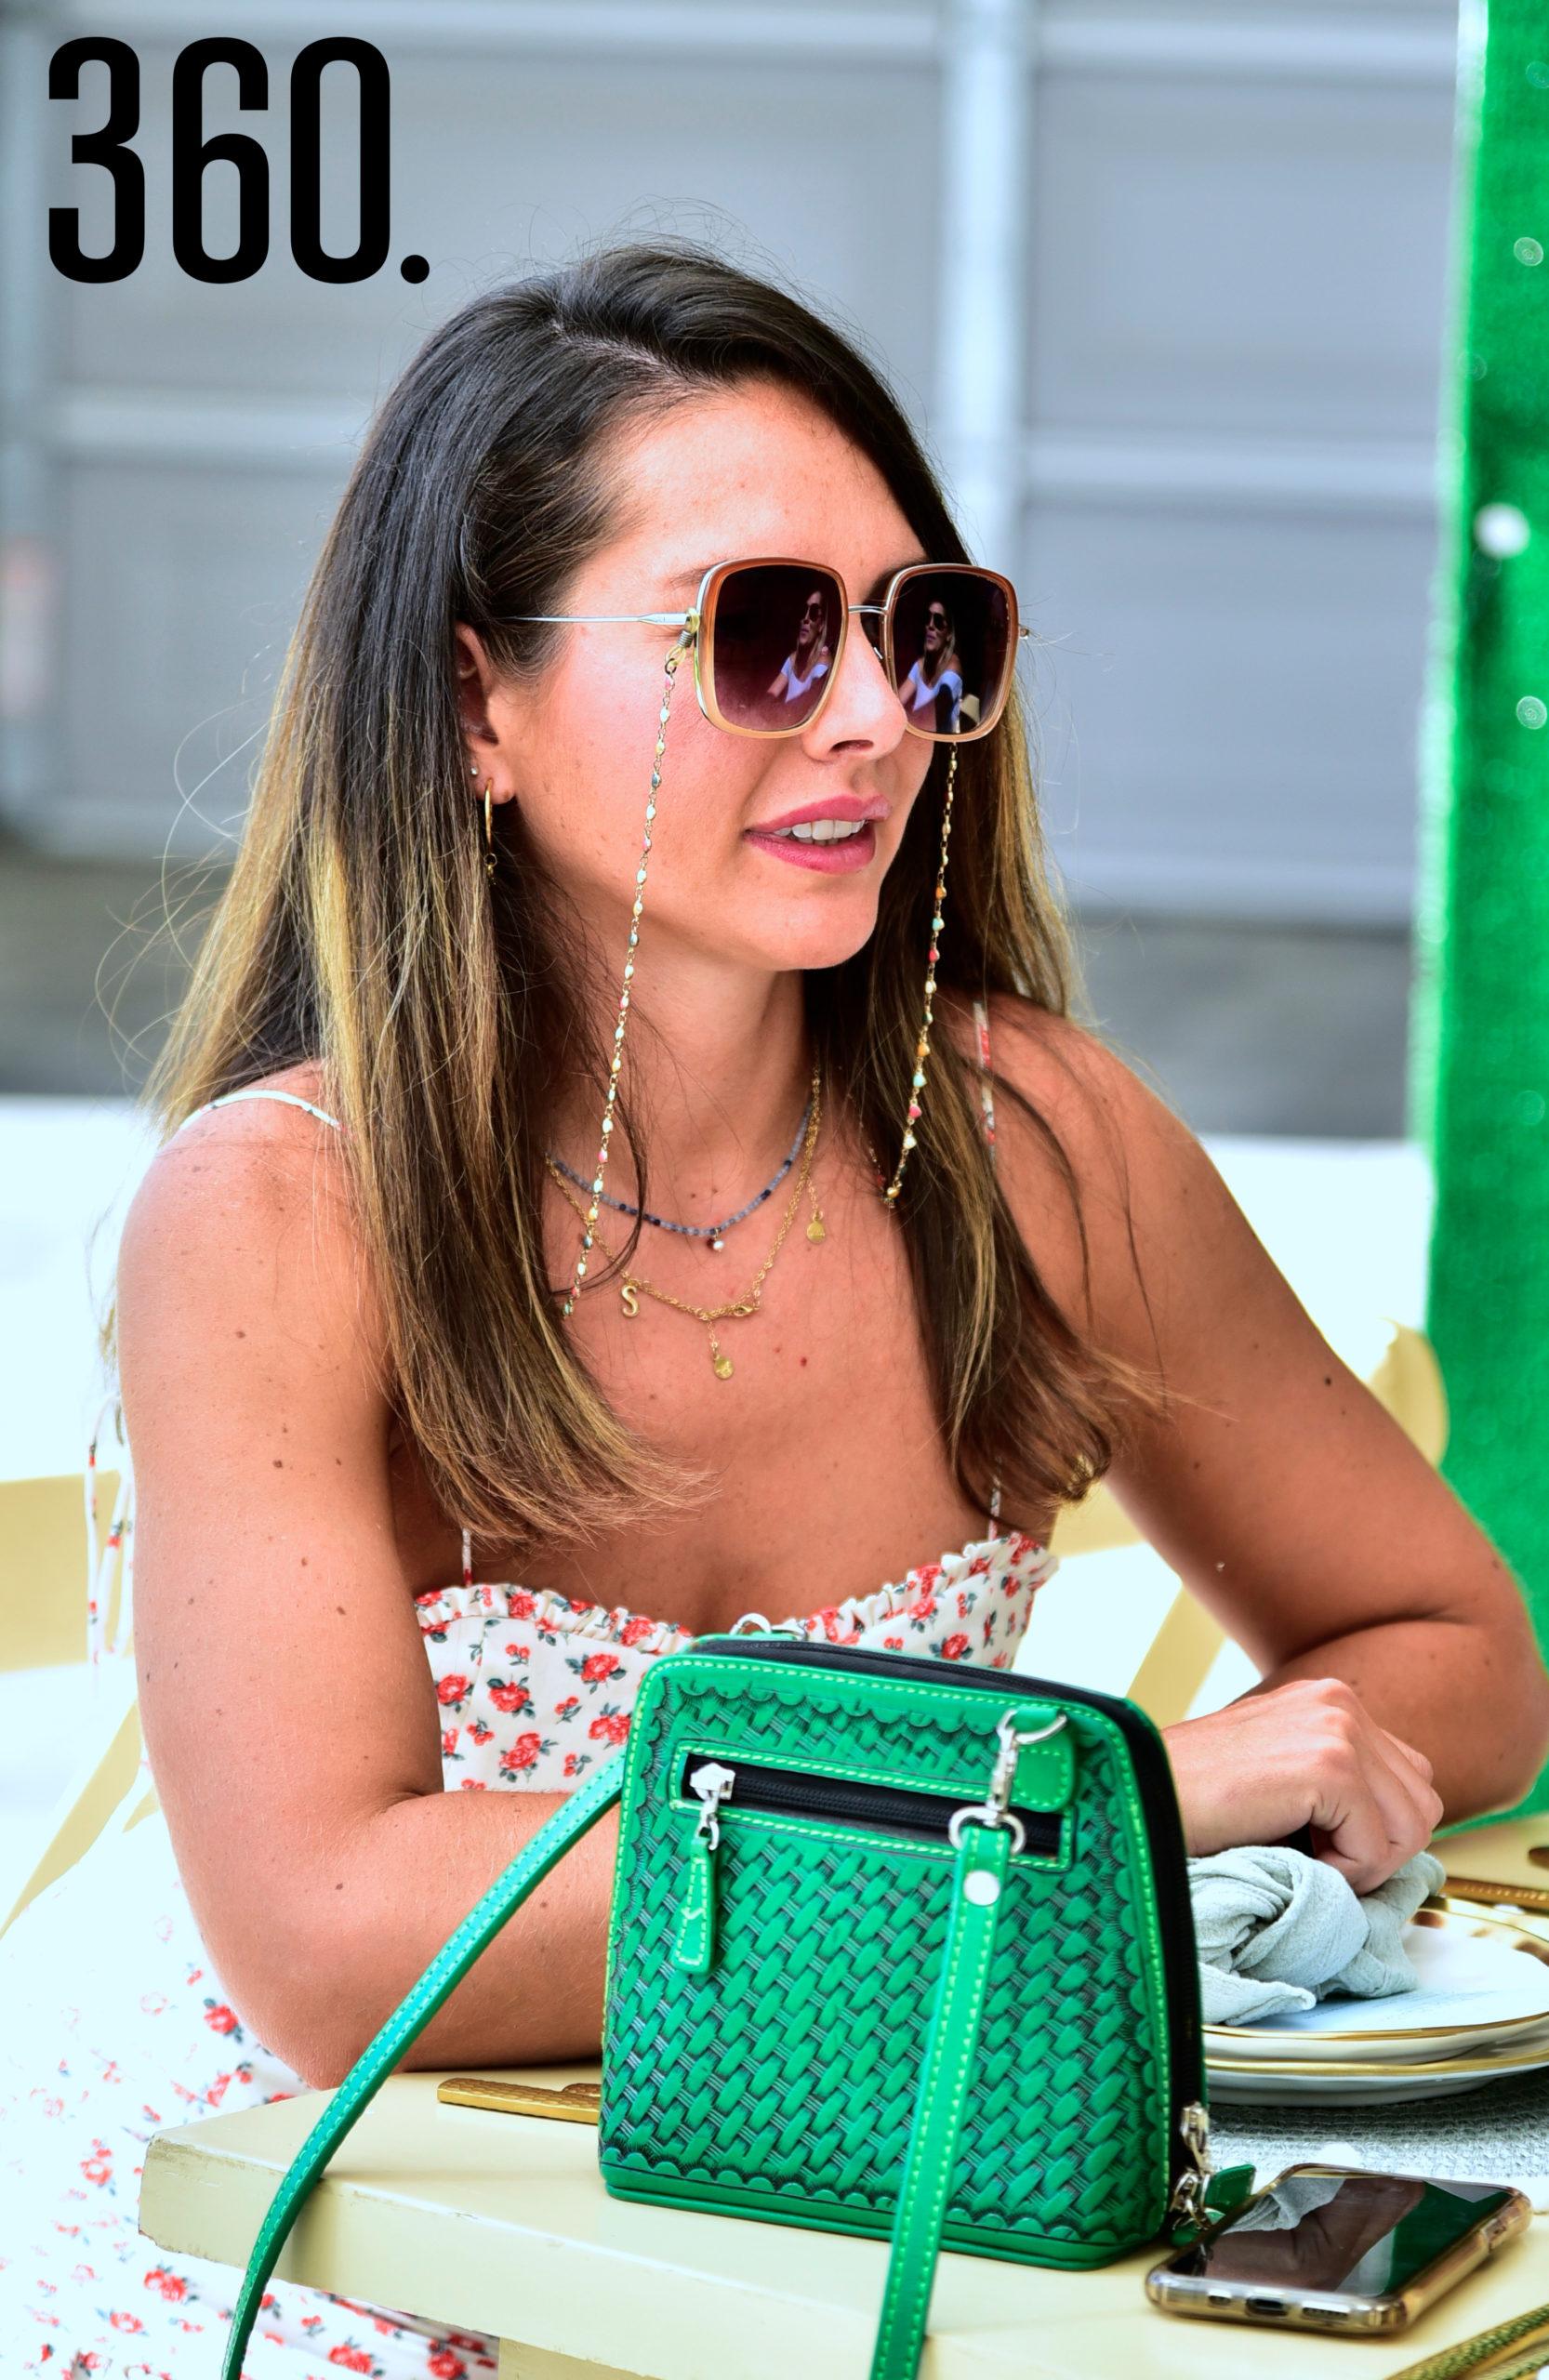 Sofía Bendimez.